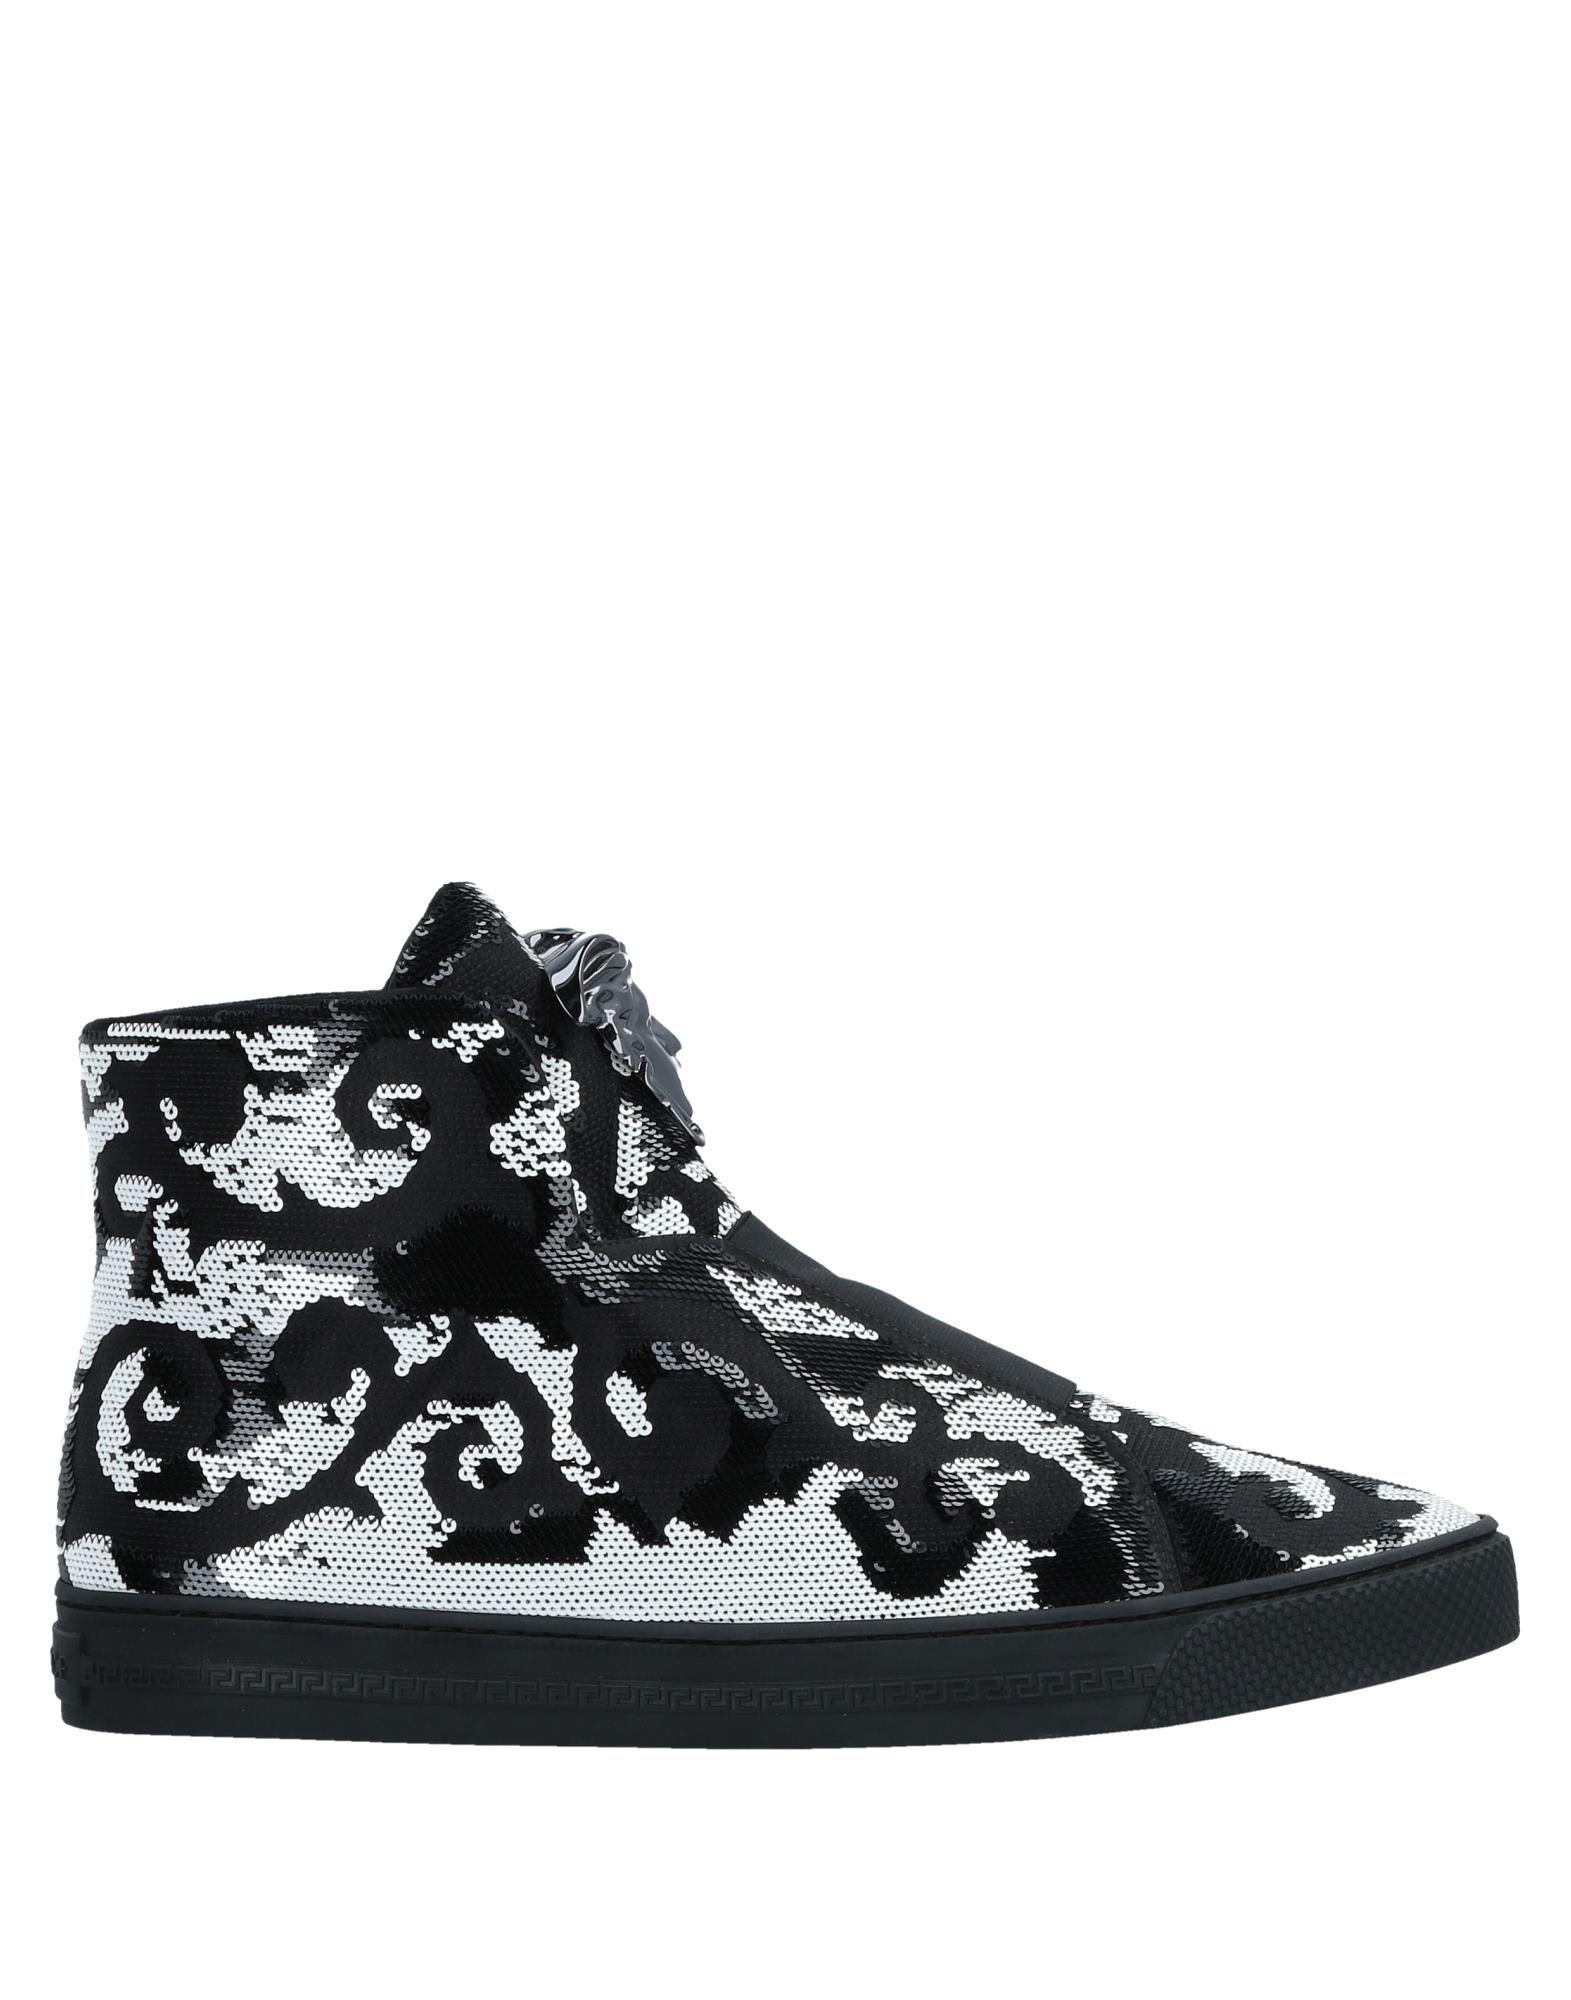 Sneakers Versace Homme - Sneakers Versace  Noir Les chaussures les plus populaires pour les hommes et les femmes